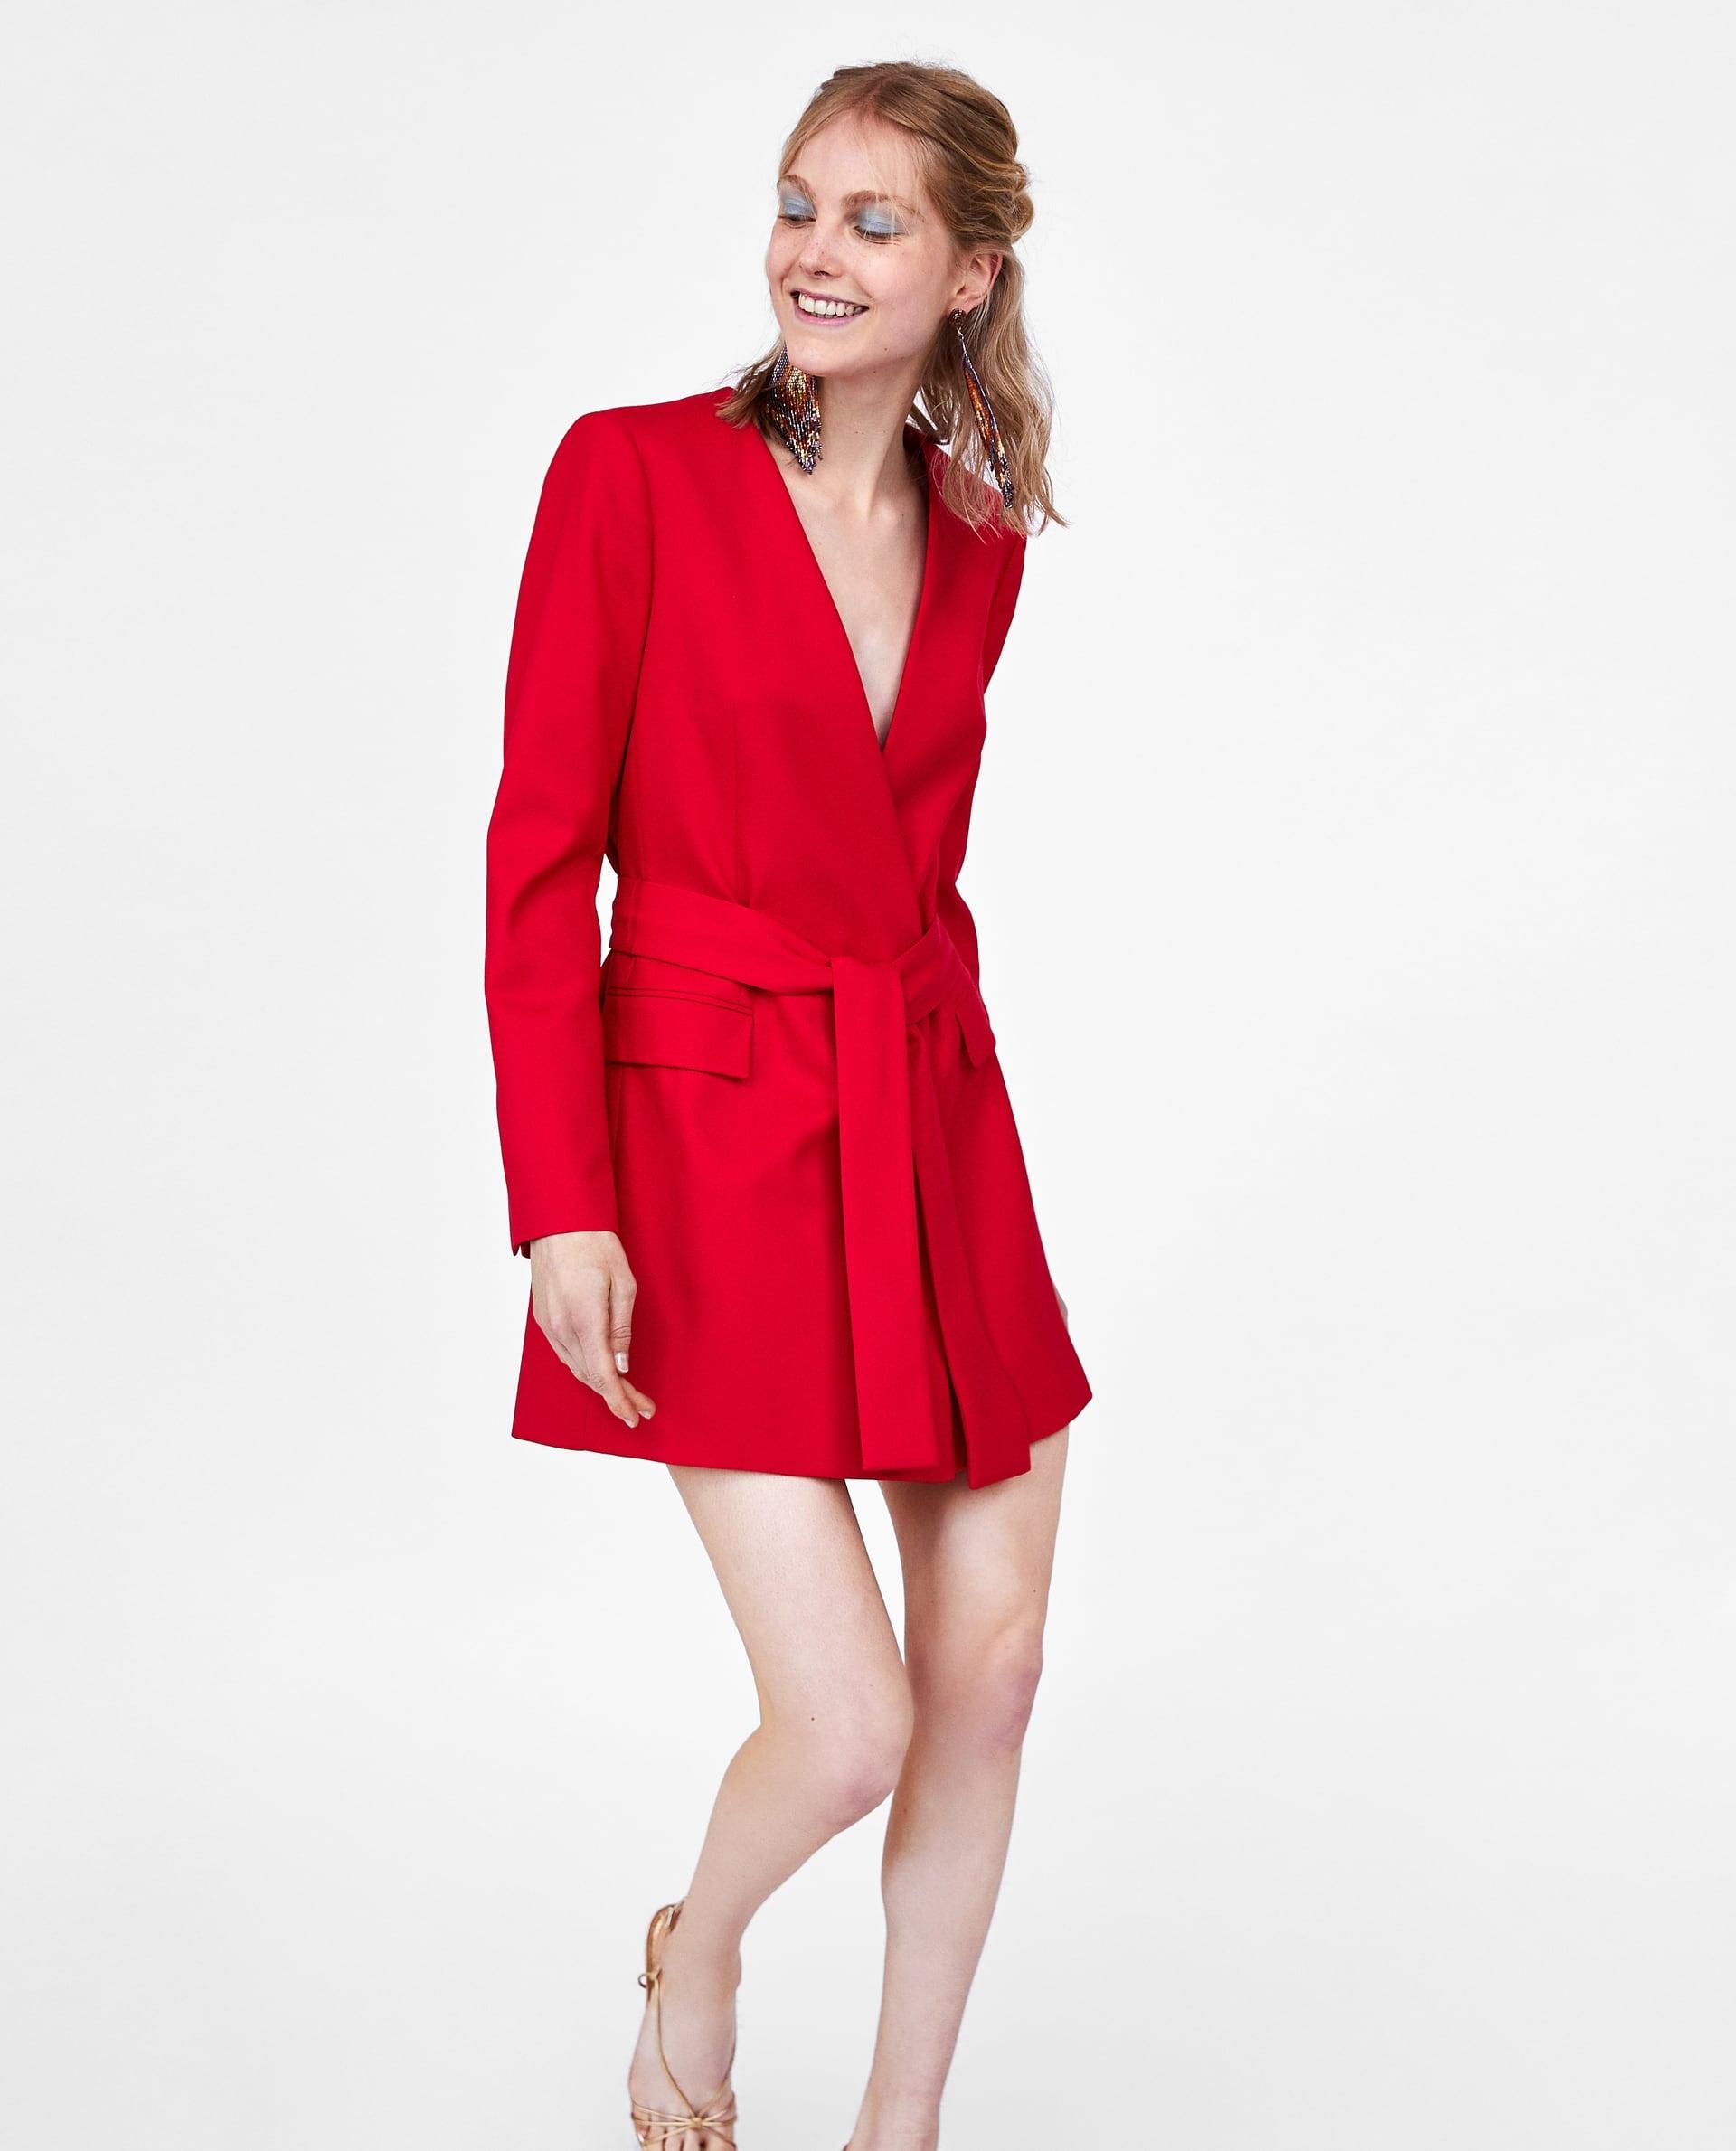 109f678068 ZARA Sukienka o kroju marynarki wiązana czerwona L - 7461641627 ...